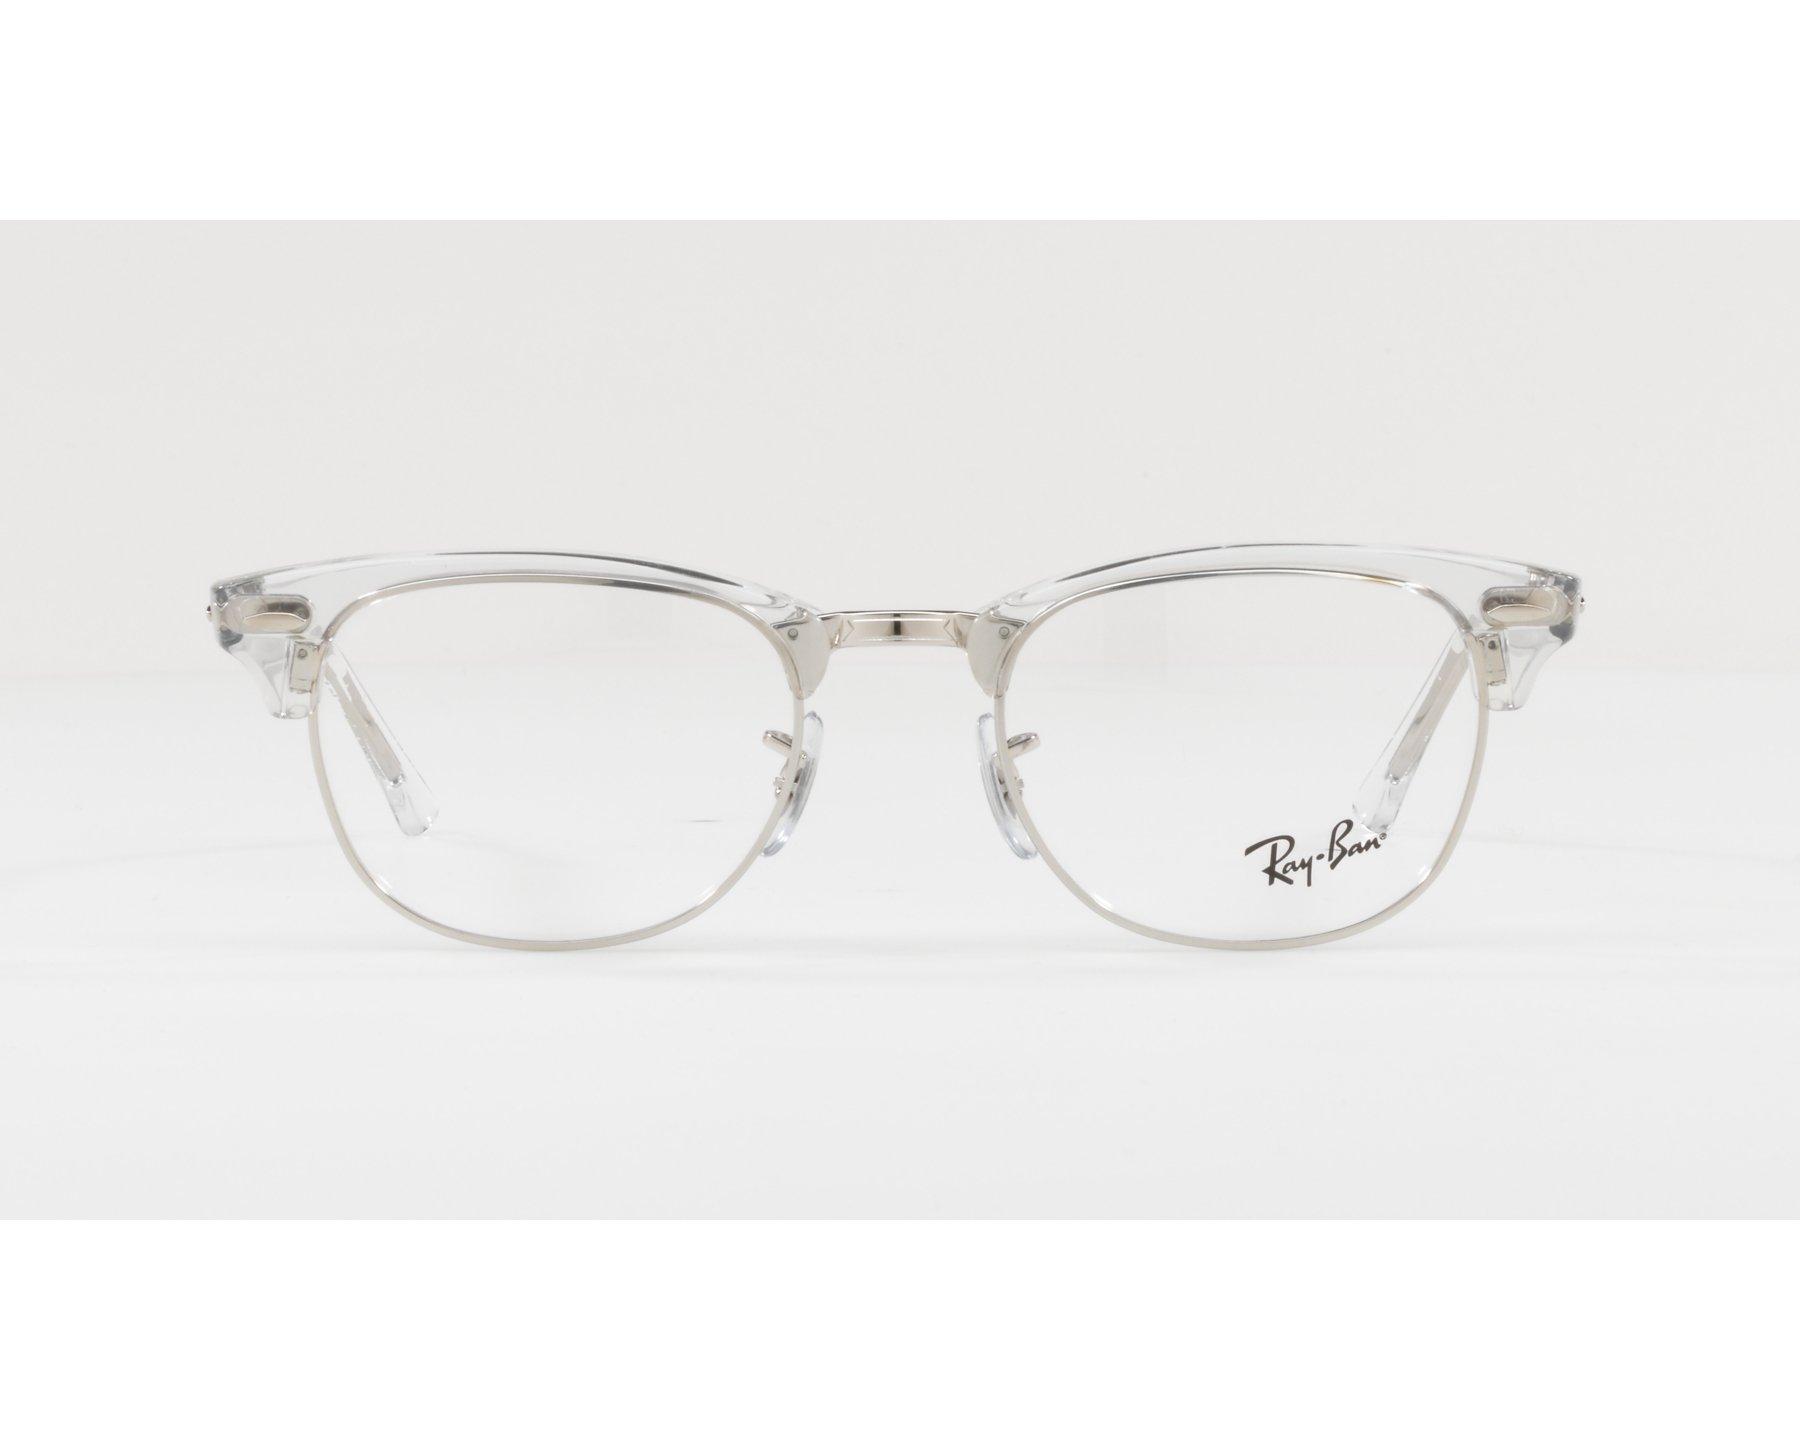 b72fb83631 Gafas Graduadas Ray-Ban RX-5154 2001 49-21 Cristal Plata Vista de